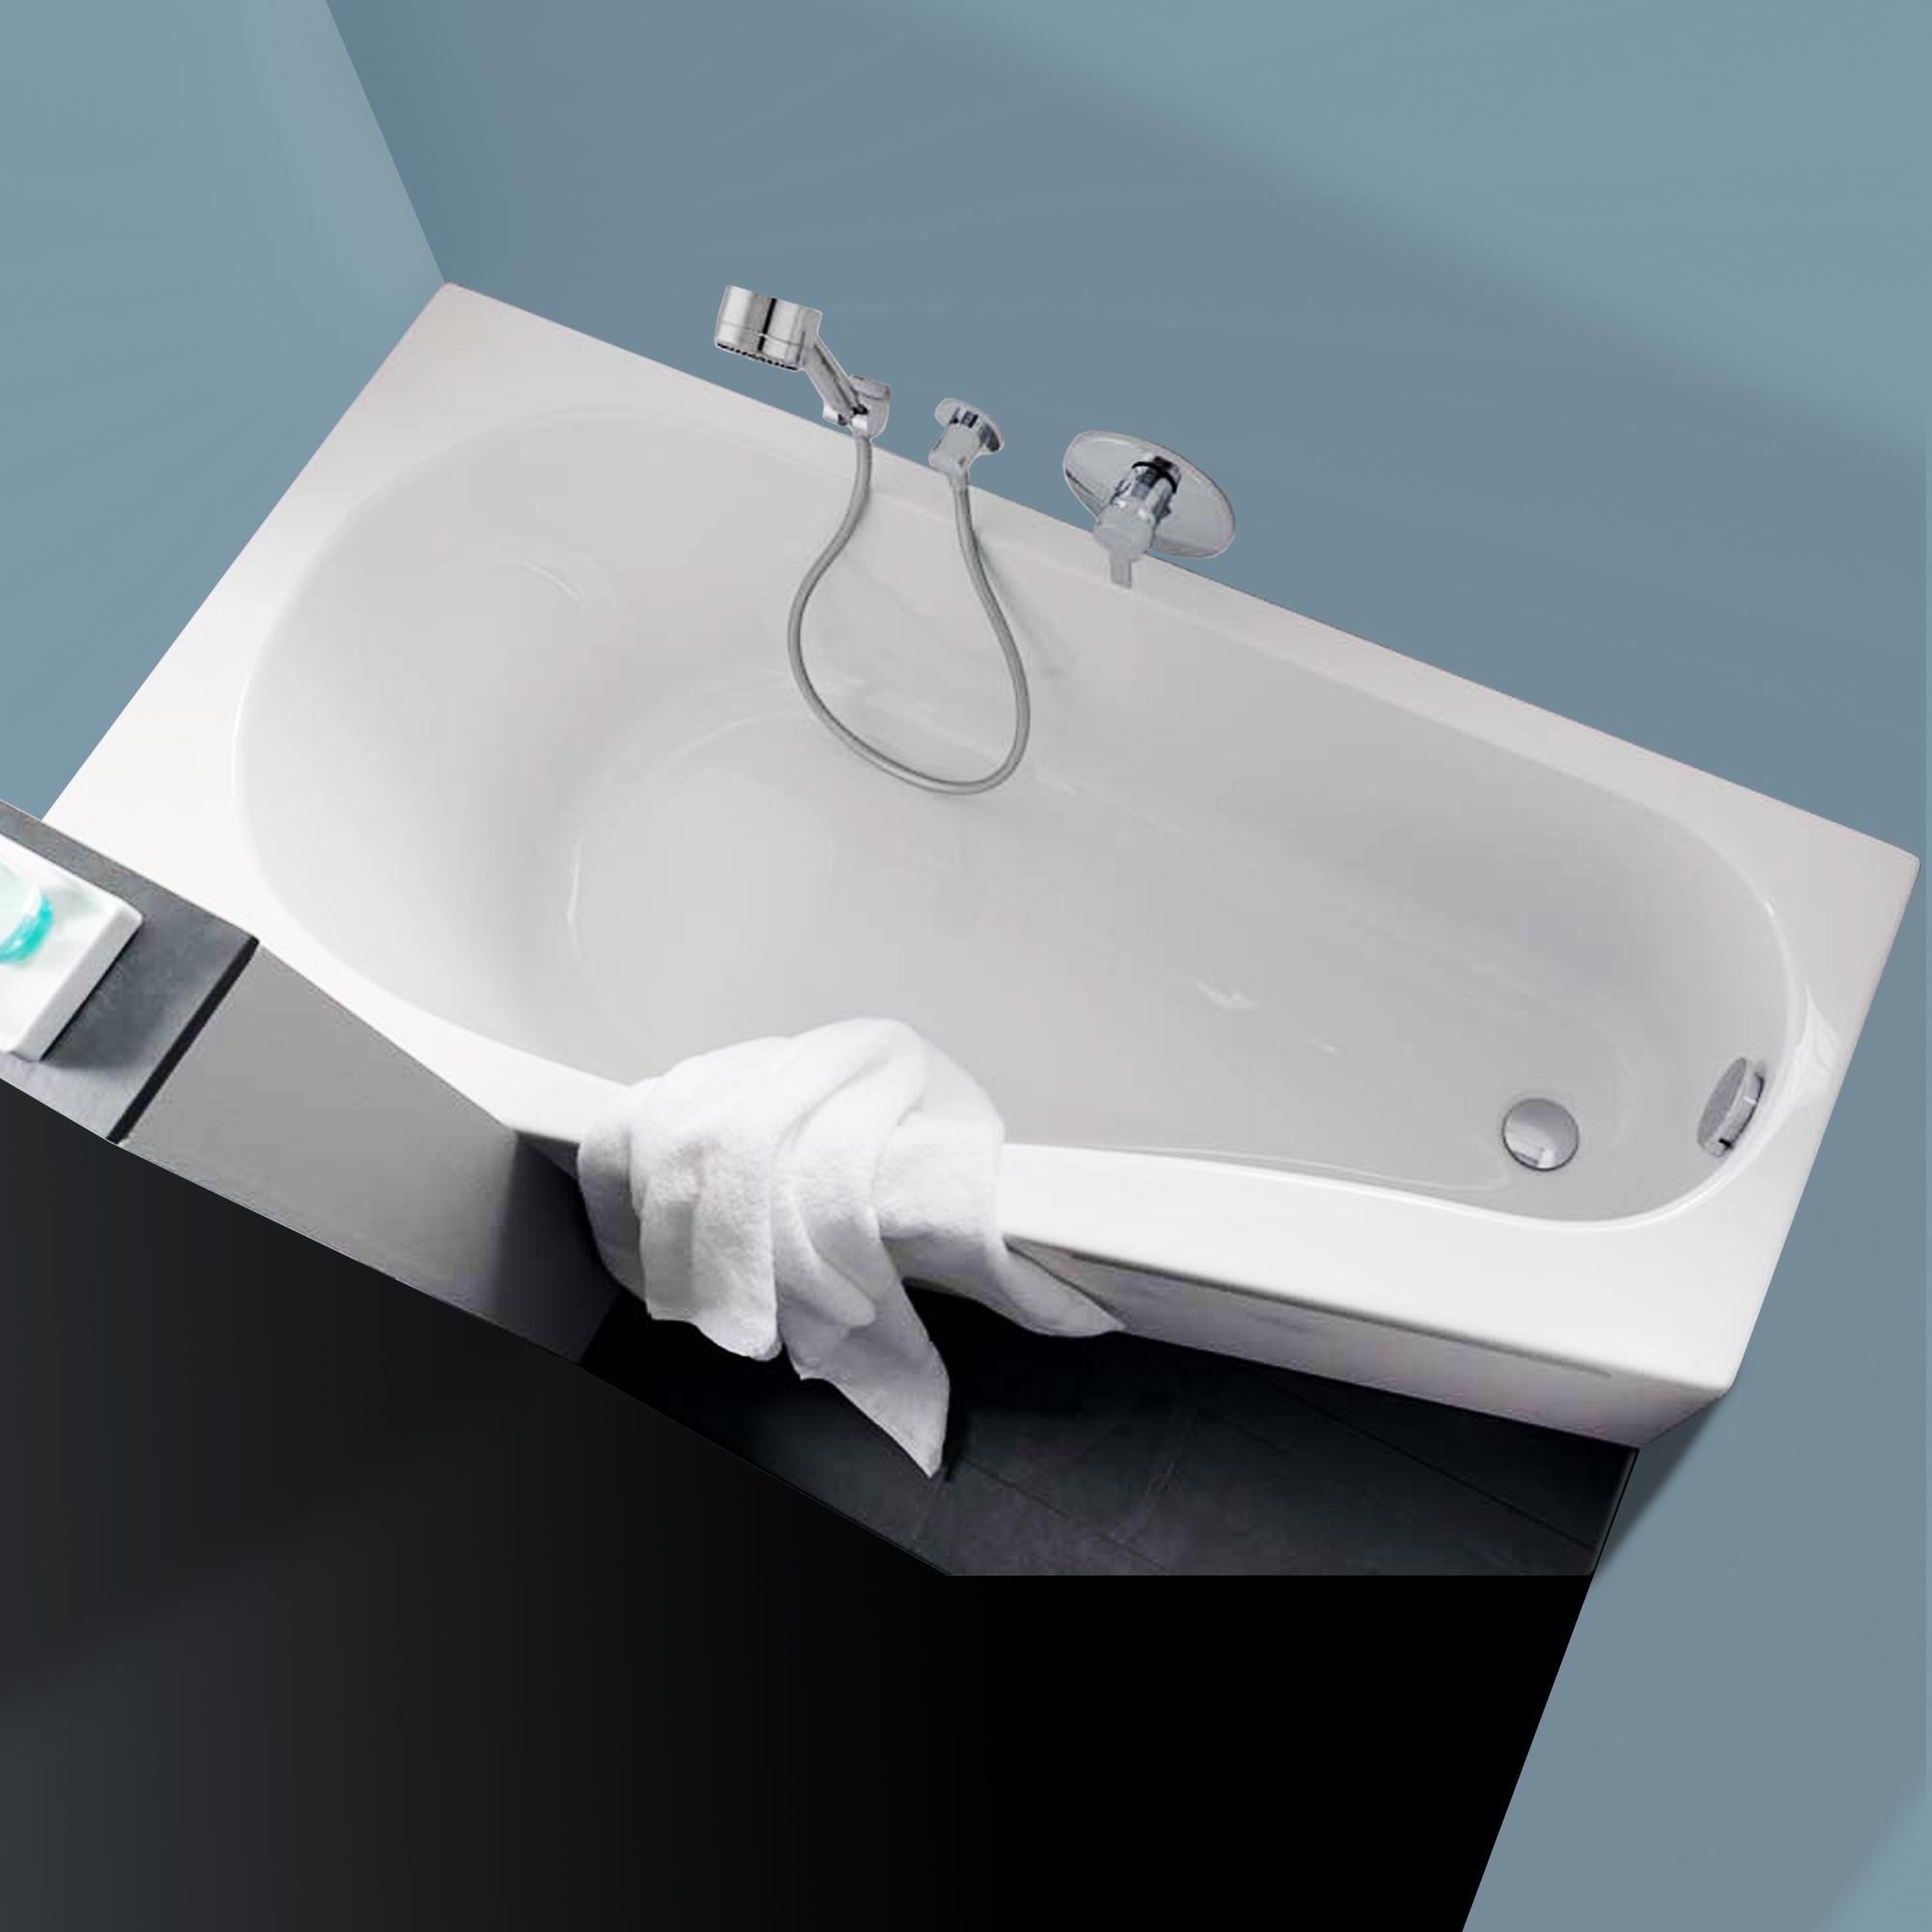 keramag renova nr 1 comprimo raumspar badewanne rechts. Black Bedroom Furniture Sets. Home Design Ideas